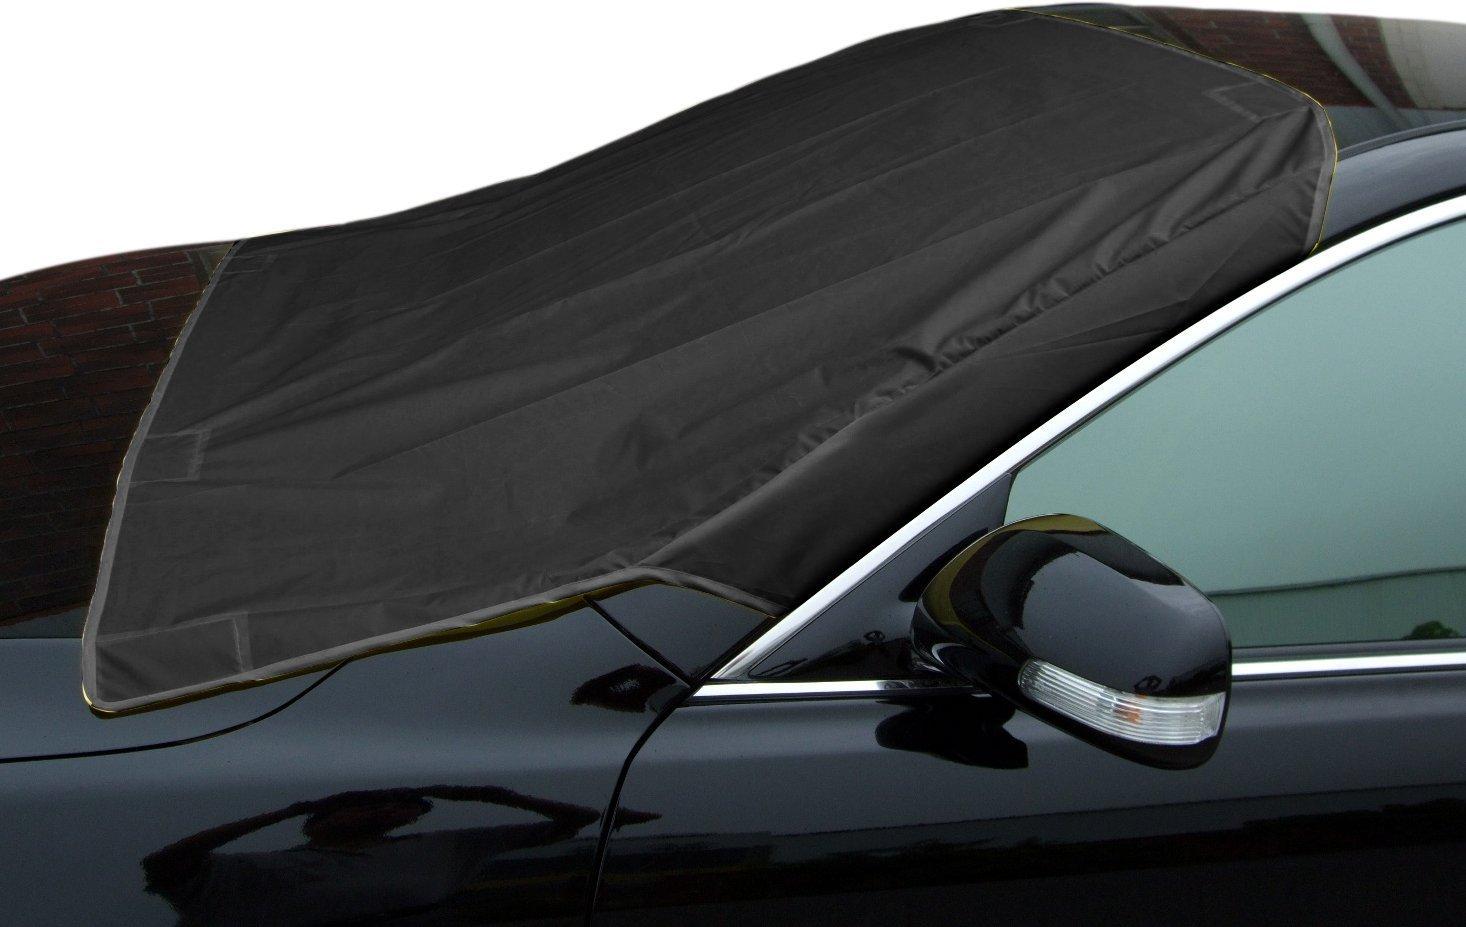 Amazon.es: Xcellent Global Anti de Frost universal Auto sol protección auto cubierta resistente al agua Parabrisas/Frente Frost & Invierno de Negro M ...